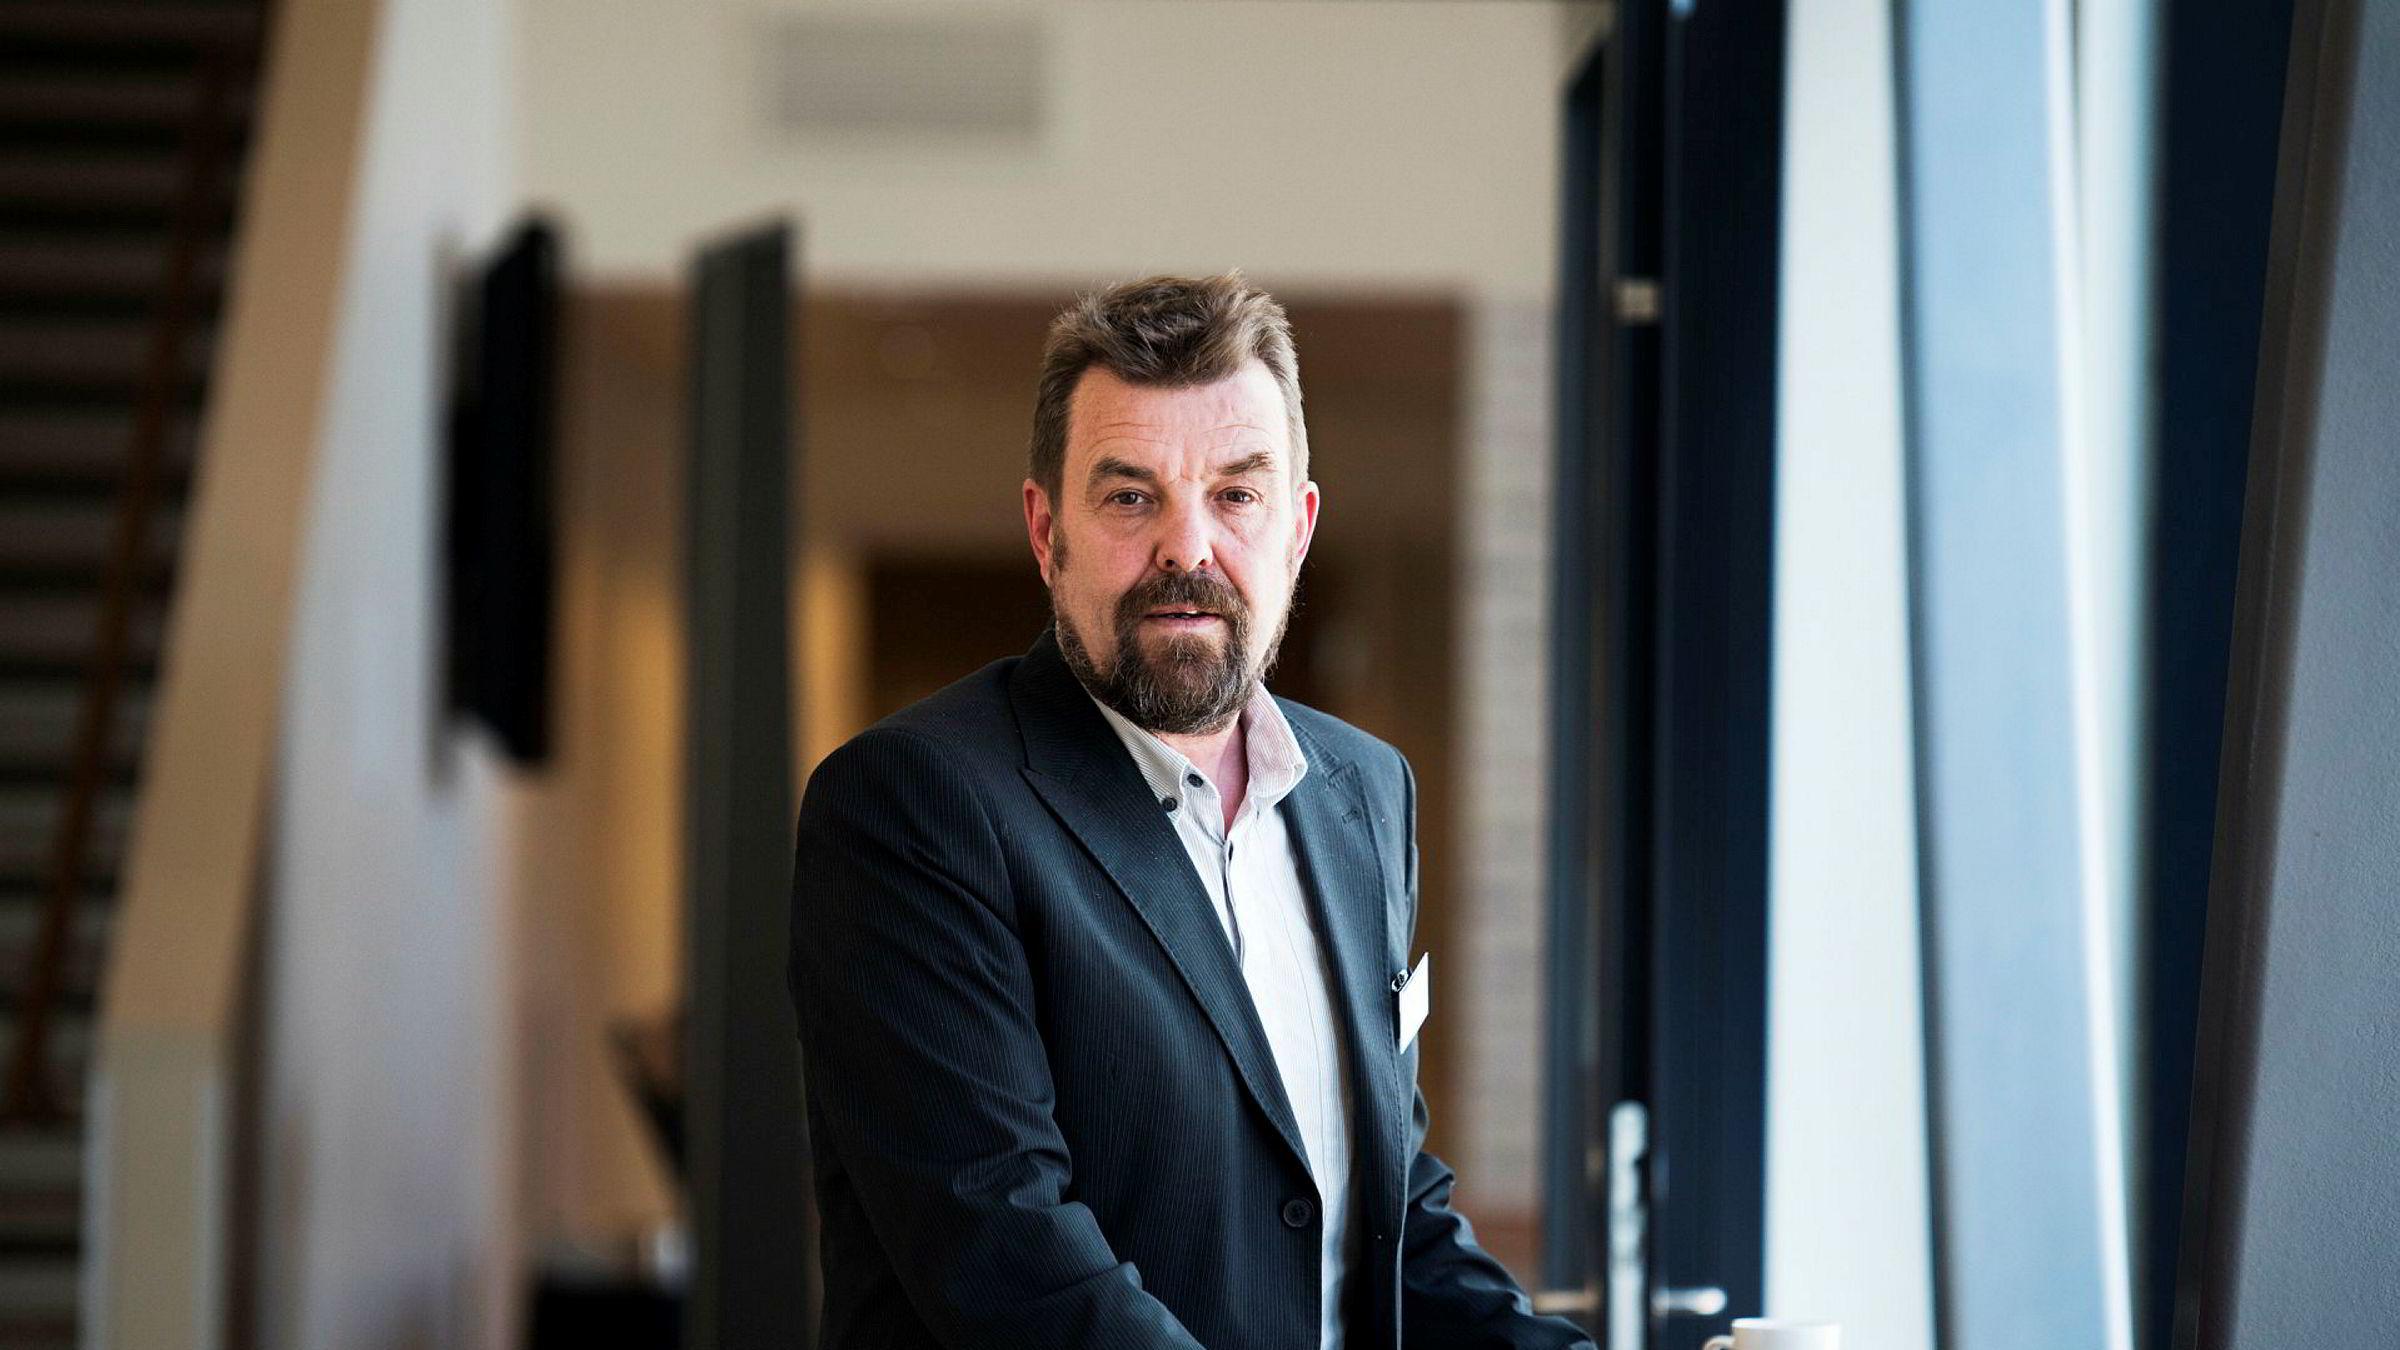 Tidligere fagsjef Frode Reppe i Norske Sjømatbedrifters Landsforening (NSL) vant frem i oppsigelsessaken i Sør-Trøndelag tingrett, men retten kuttet kraftig i advokatkostnadene.